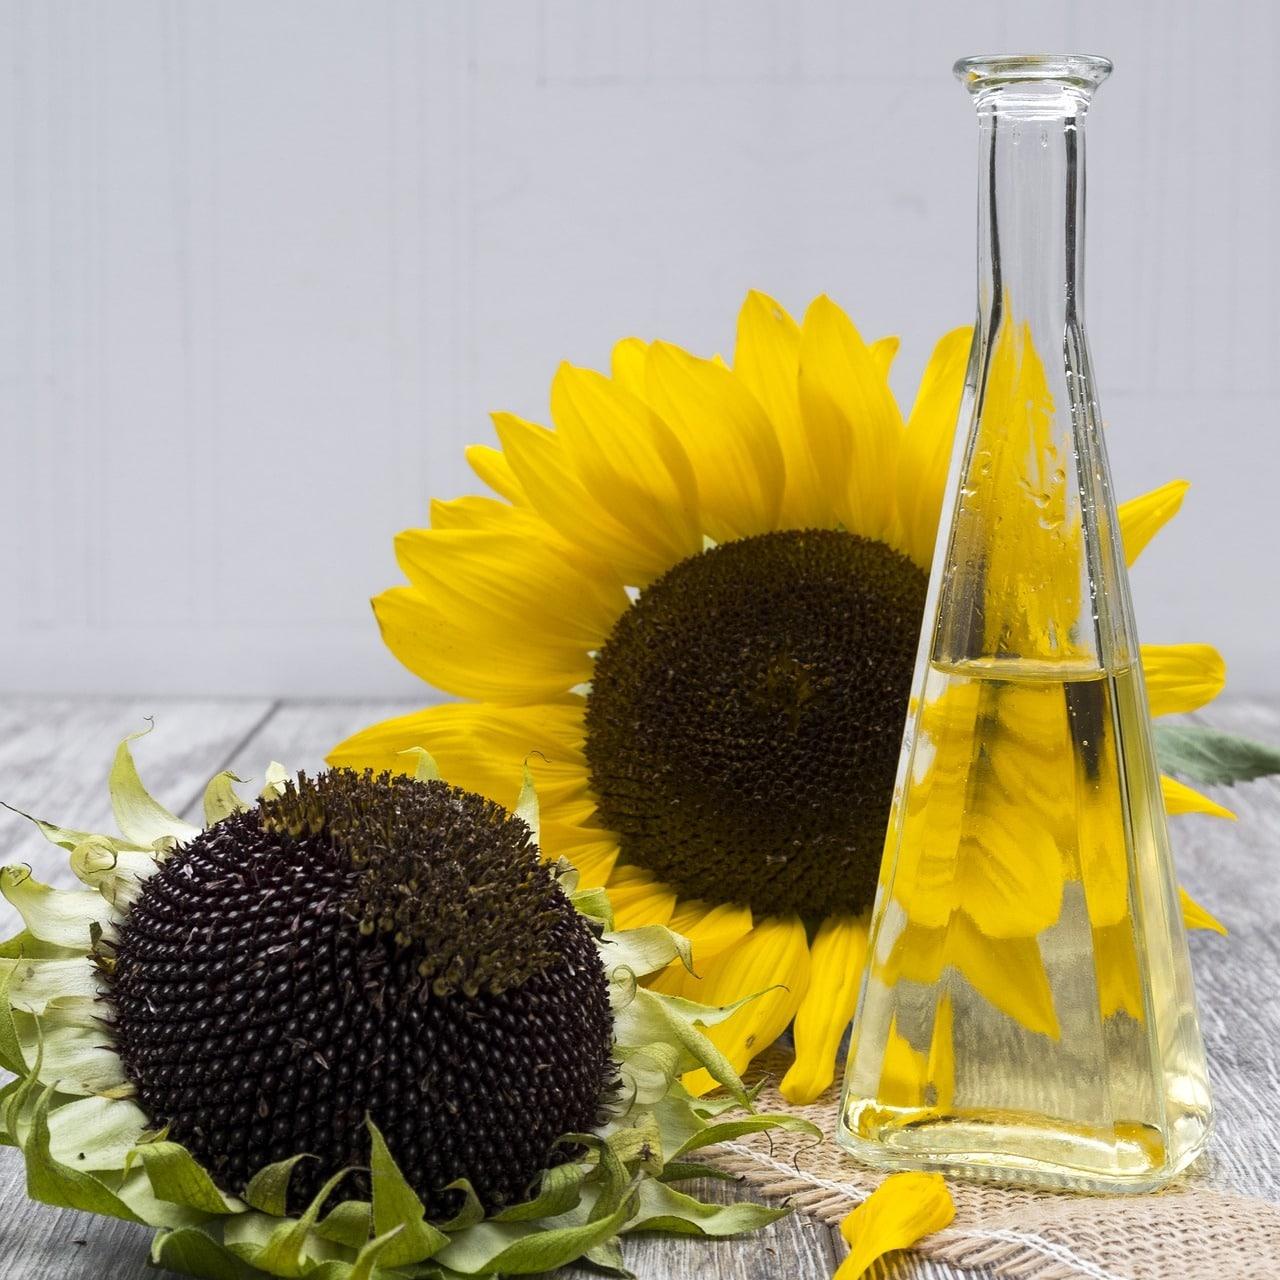 bouteille d'huile de tournesol et des fleurs de tournesol